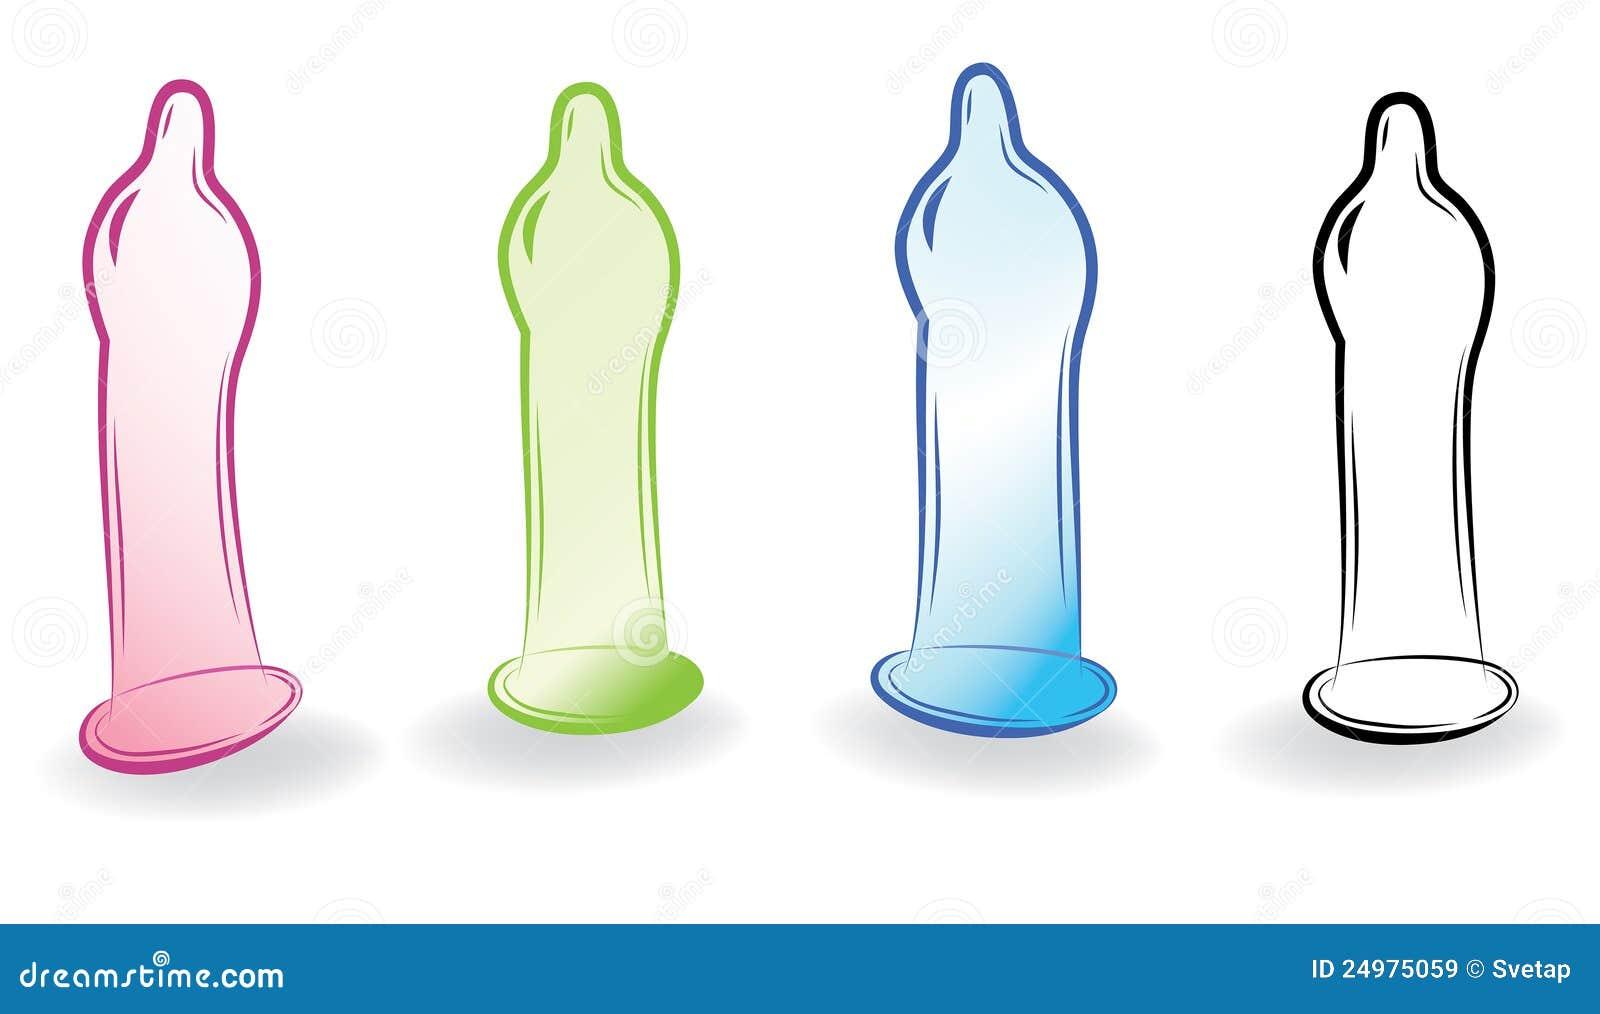 Kondomskizze